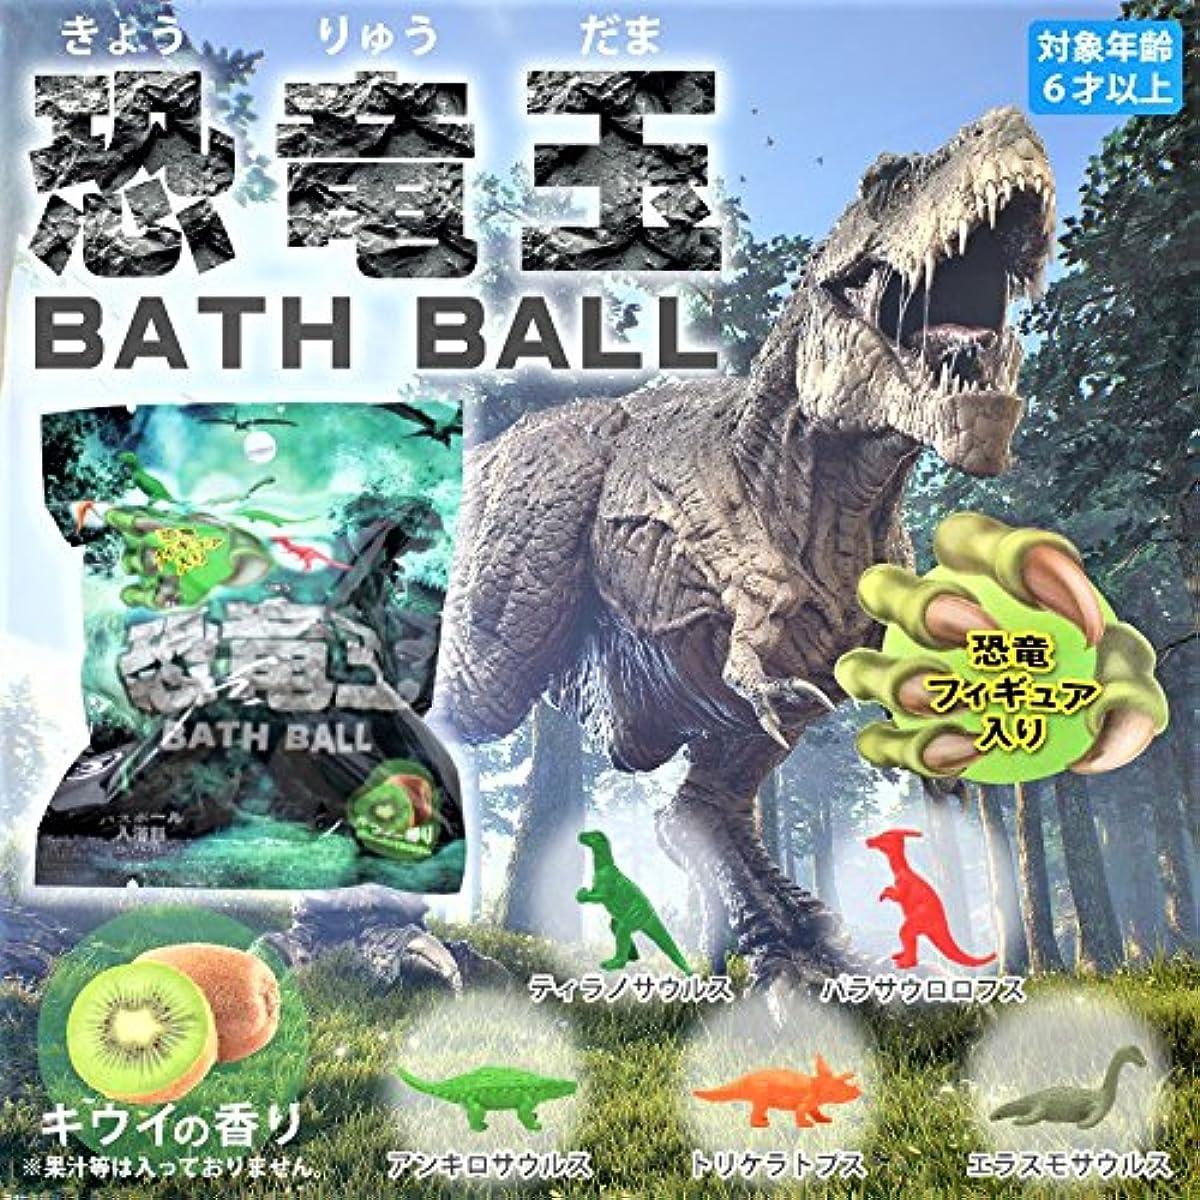 脆いフォージ挨拶する恐竜玉バスボール 6個1セット キウイの香り 恐竜フィギュア入りバスボール 入浴剤